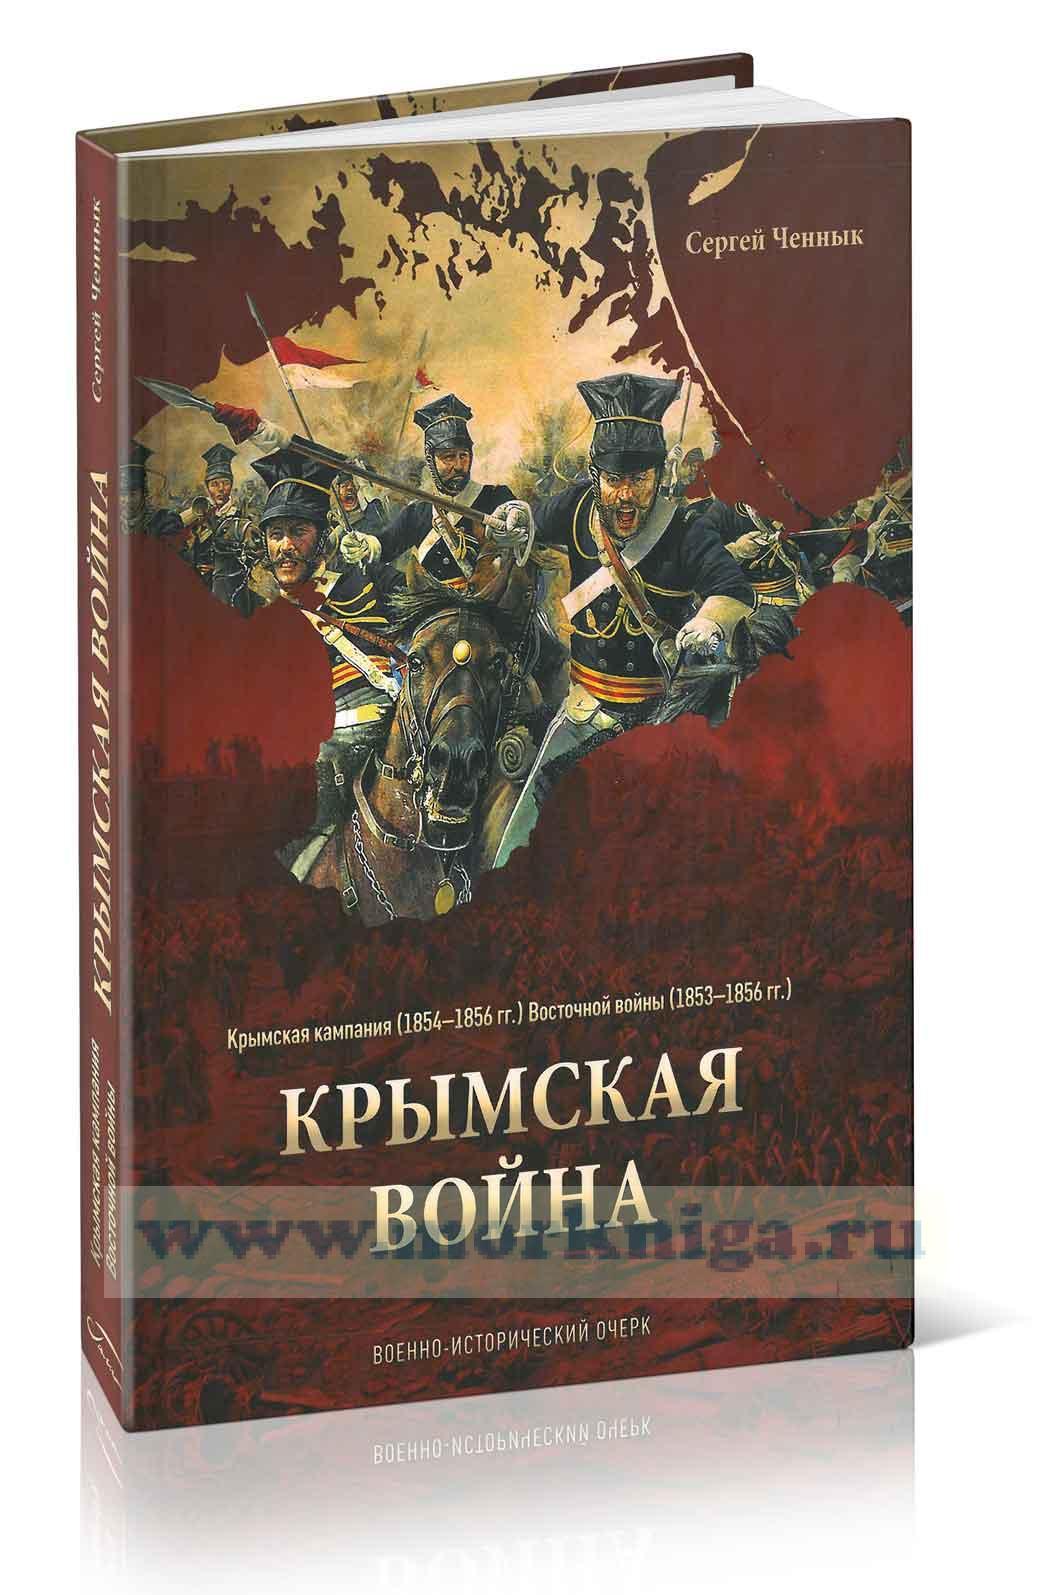 Крымская война. Военно-исторический очерк